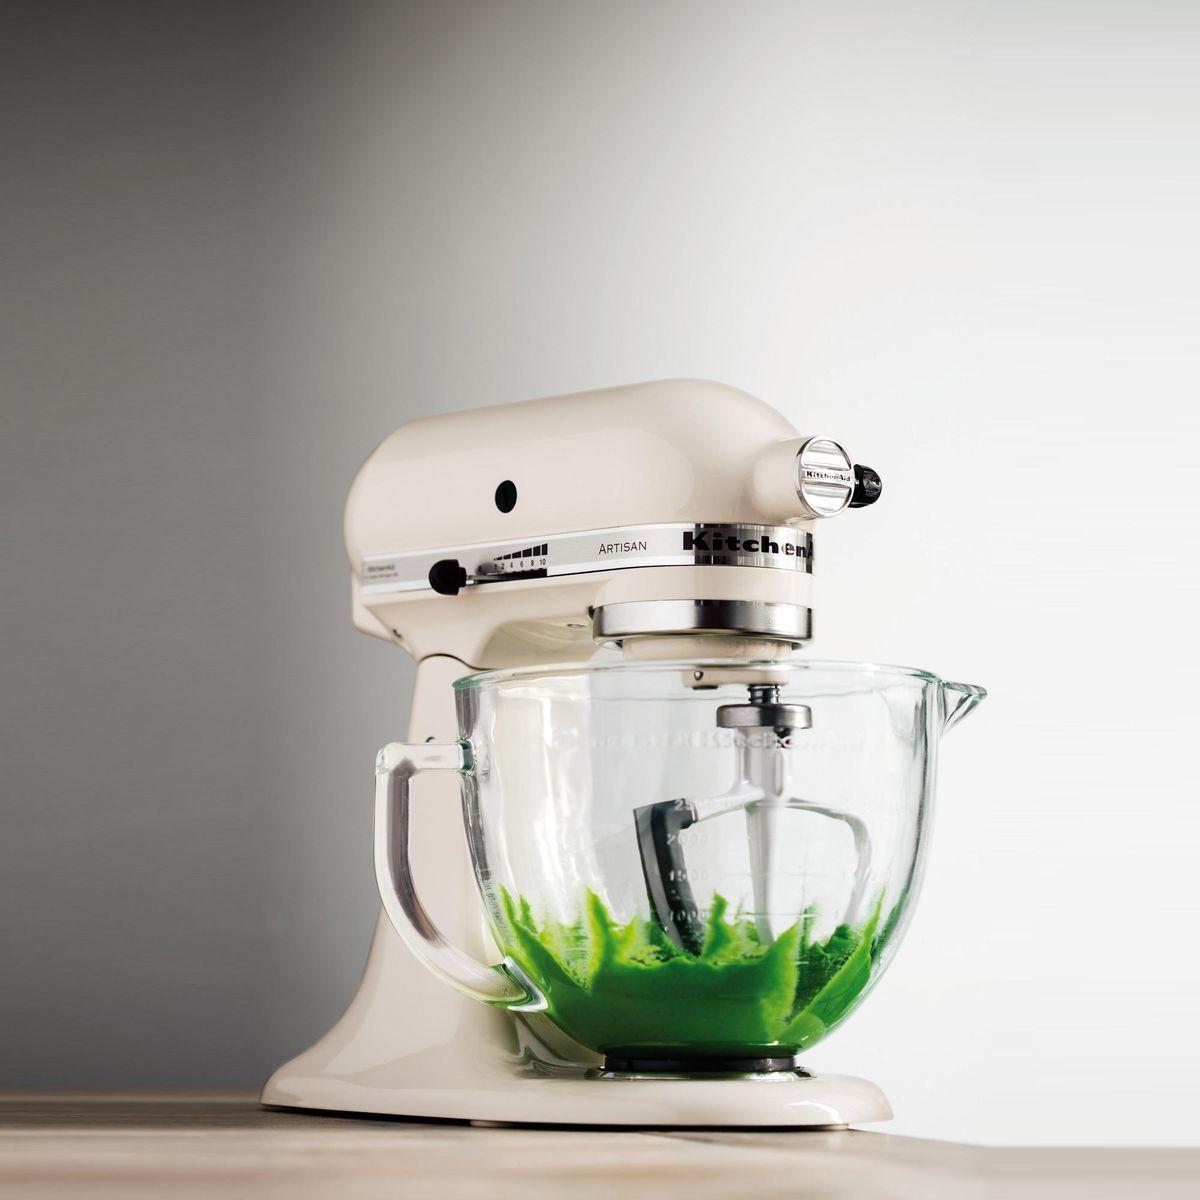 Küchenmaschine Kitchenaid Zubehör ~ kitchenaid zubehör küchenmaschinen kitchenaid ambientedirect com